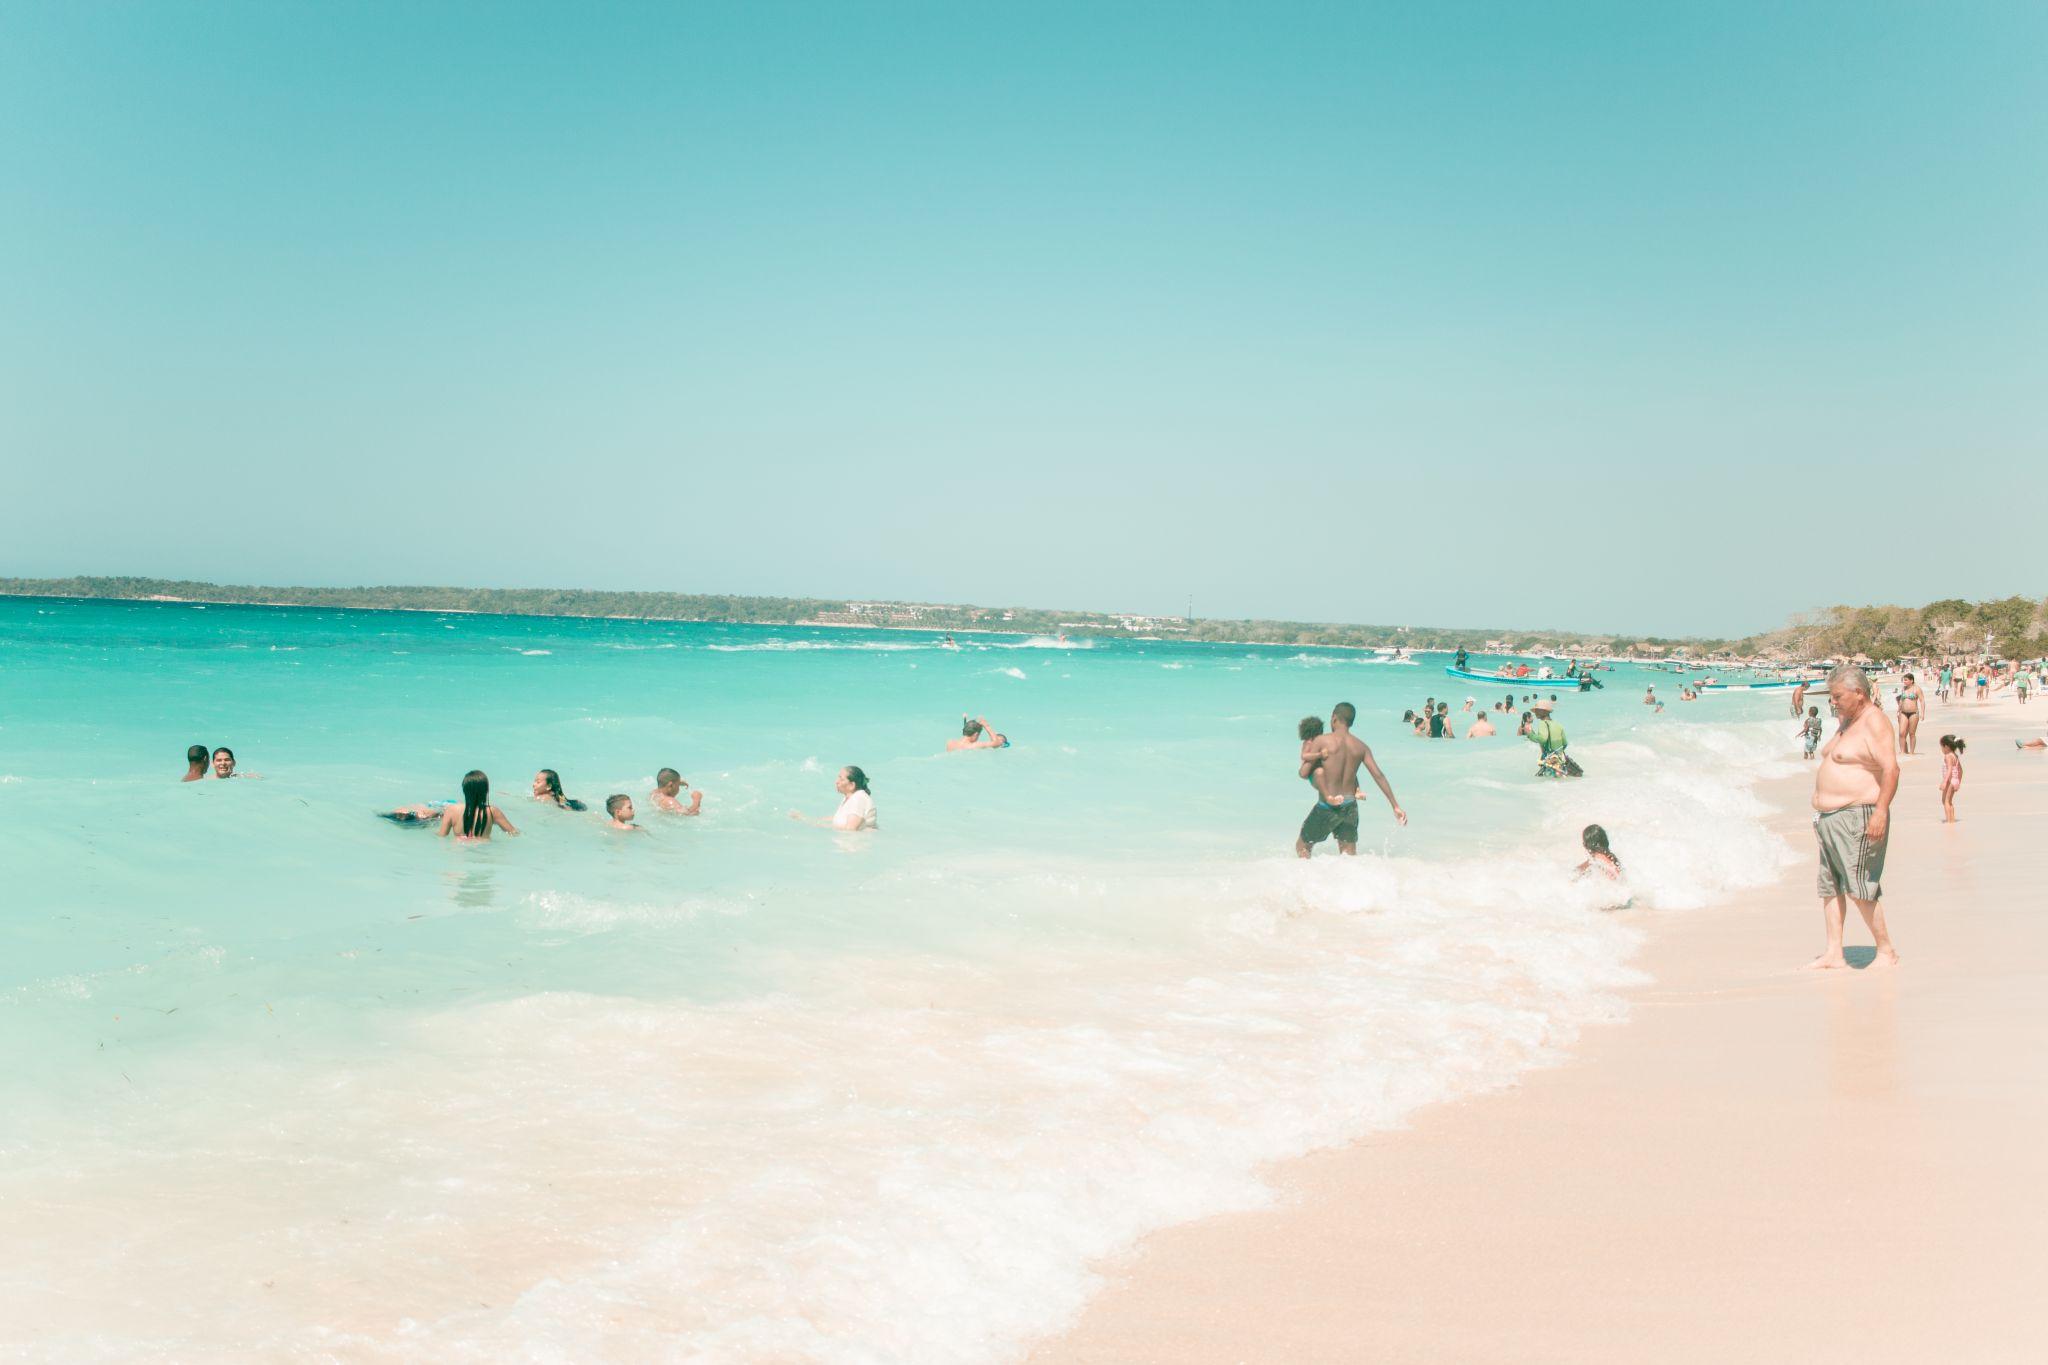 Cartagena Travel Guide Colombia Islas de Rosario Playa Blanca